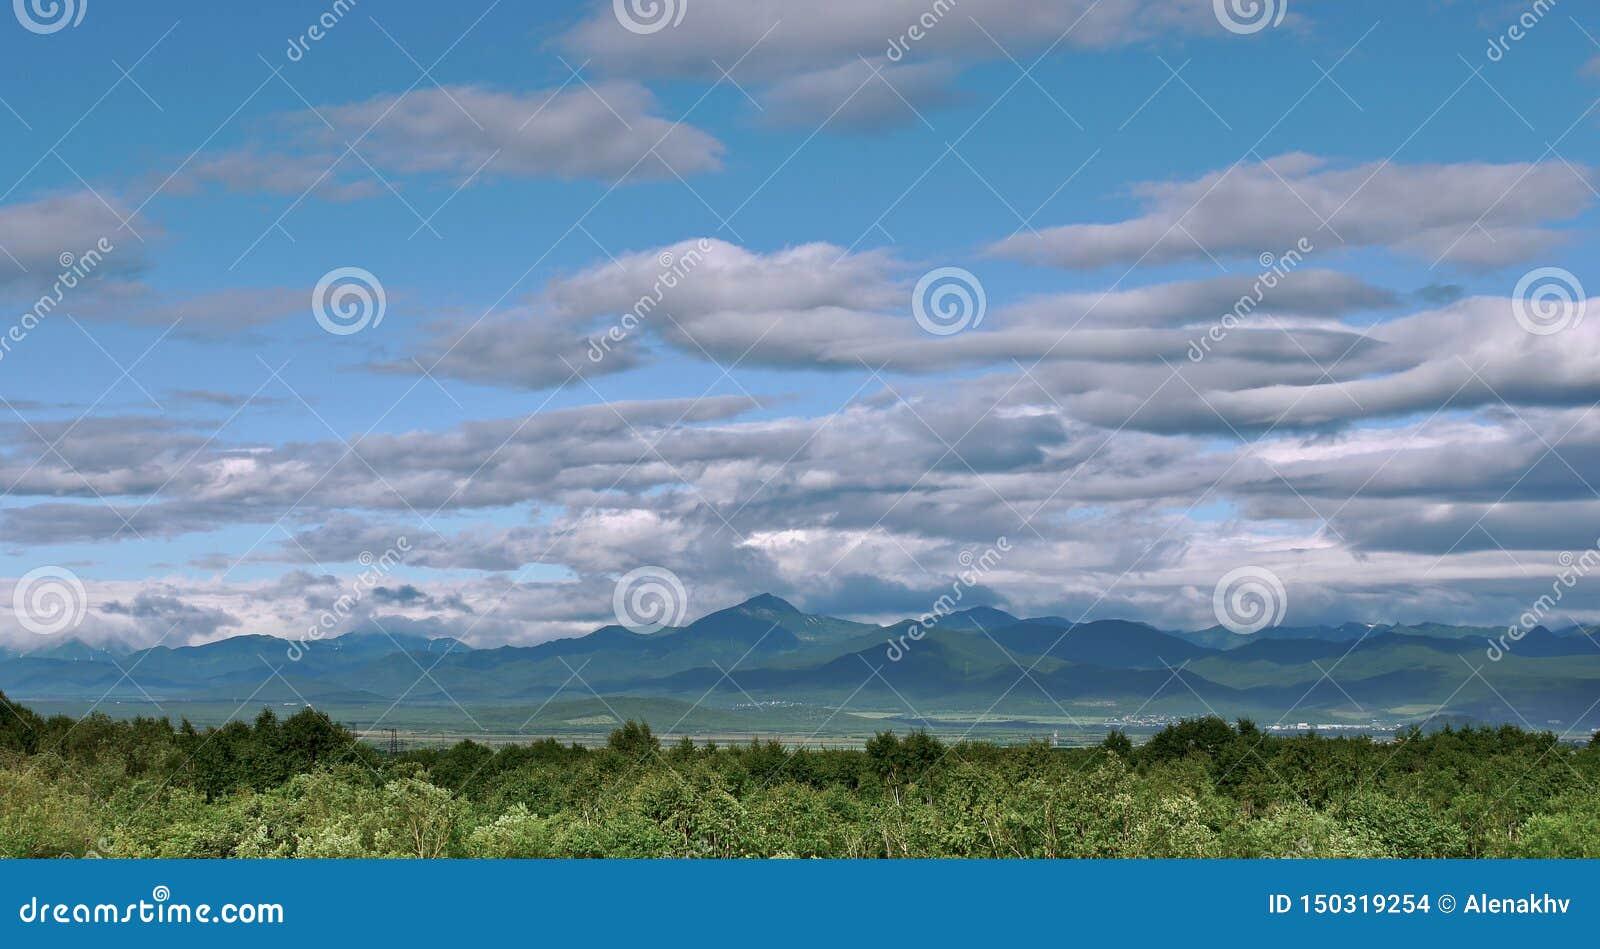 Панорамный вид красивых облаков над долиной зеленого холма